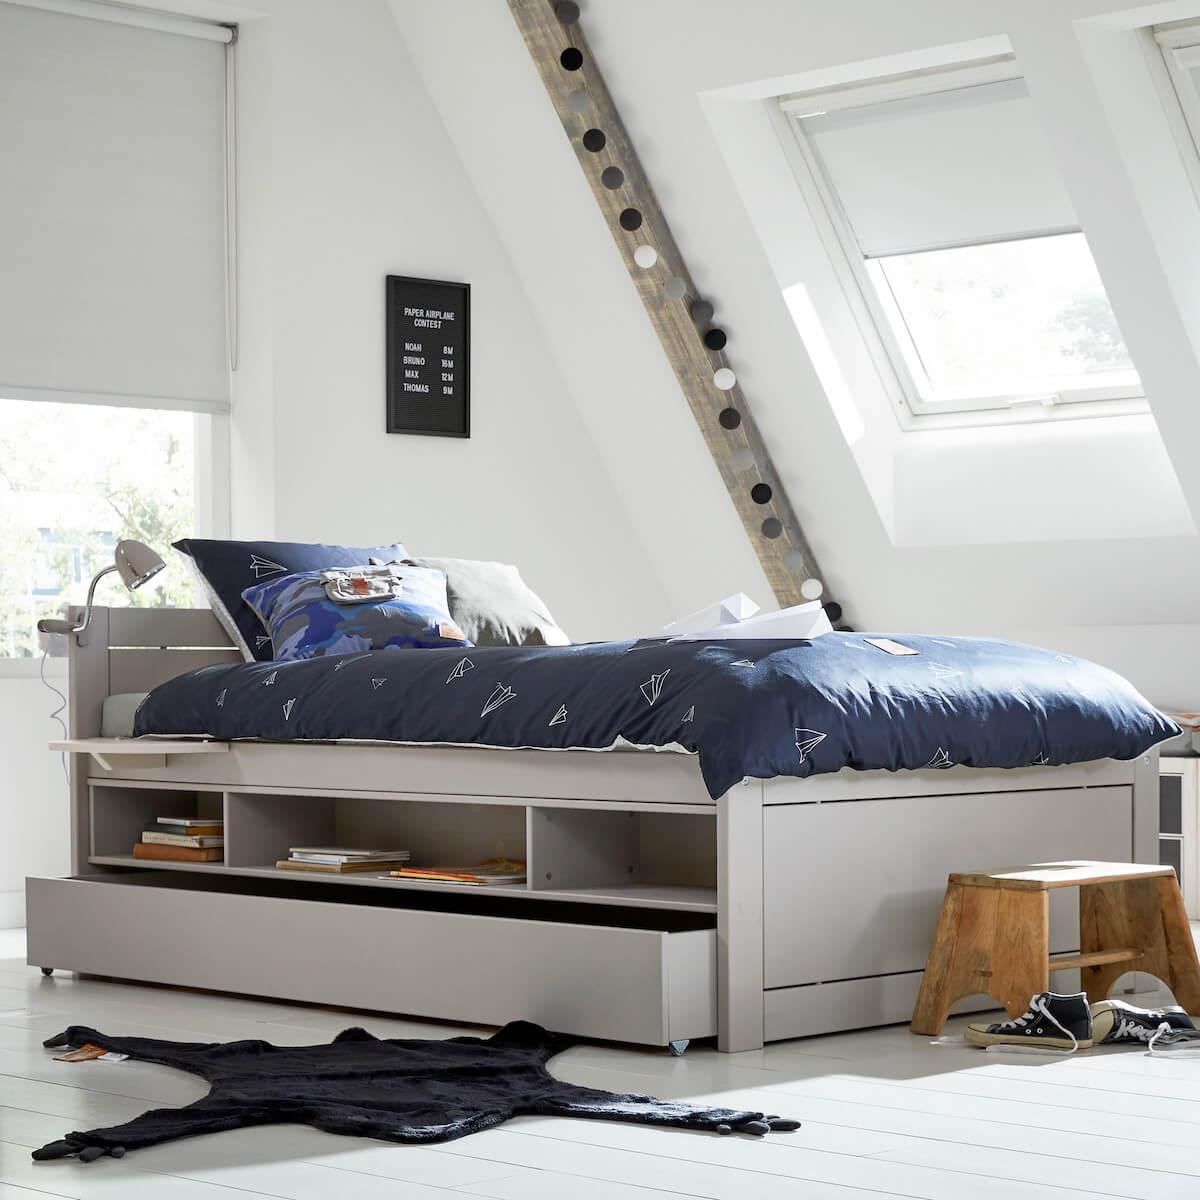 Lit de stockage pieds bas 120x200cm sommier luxe Lifetime blanchi